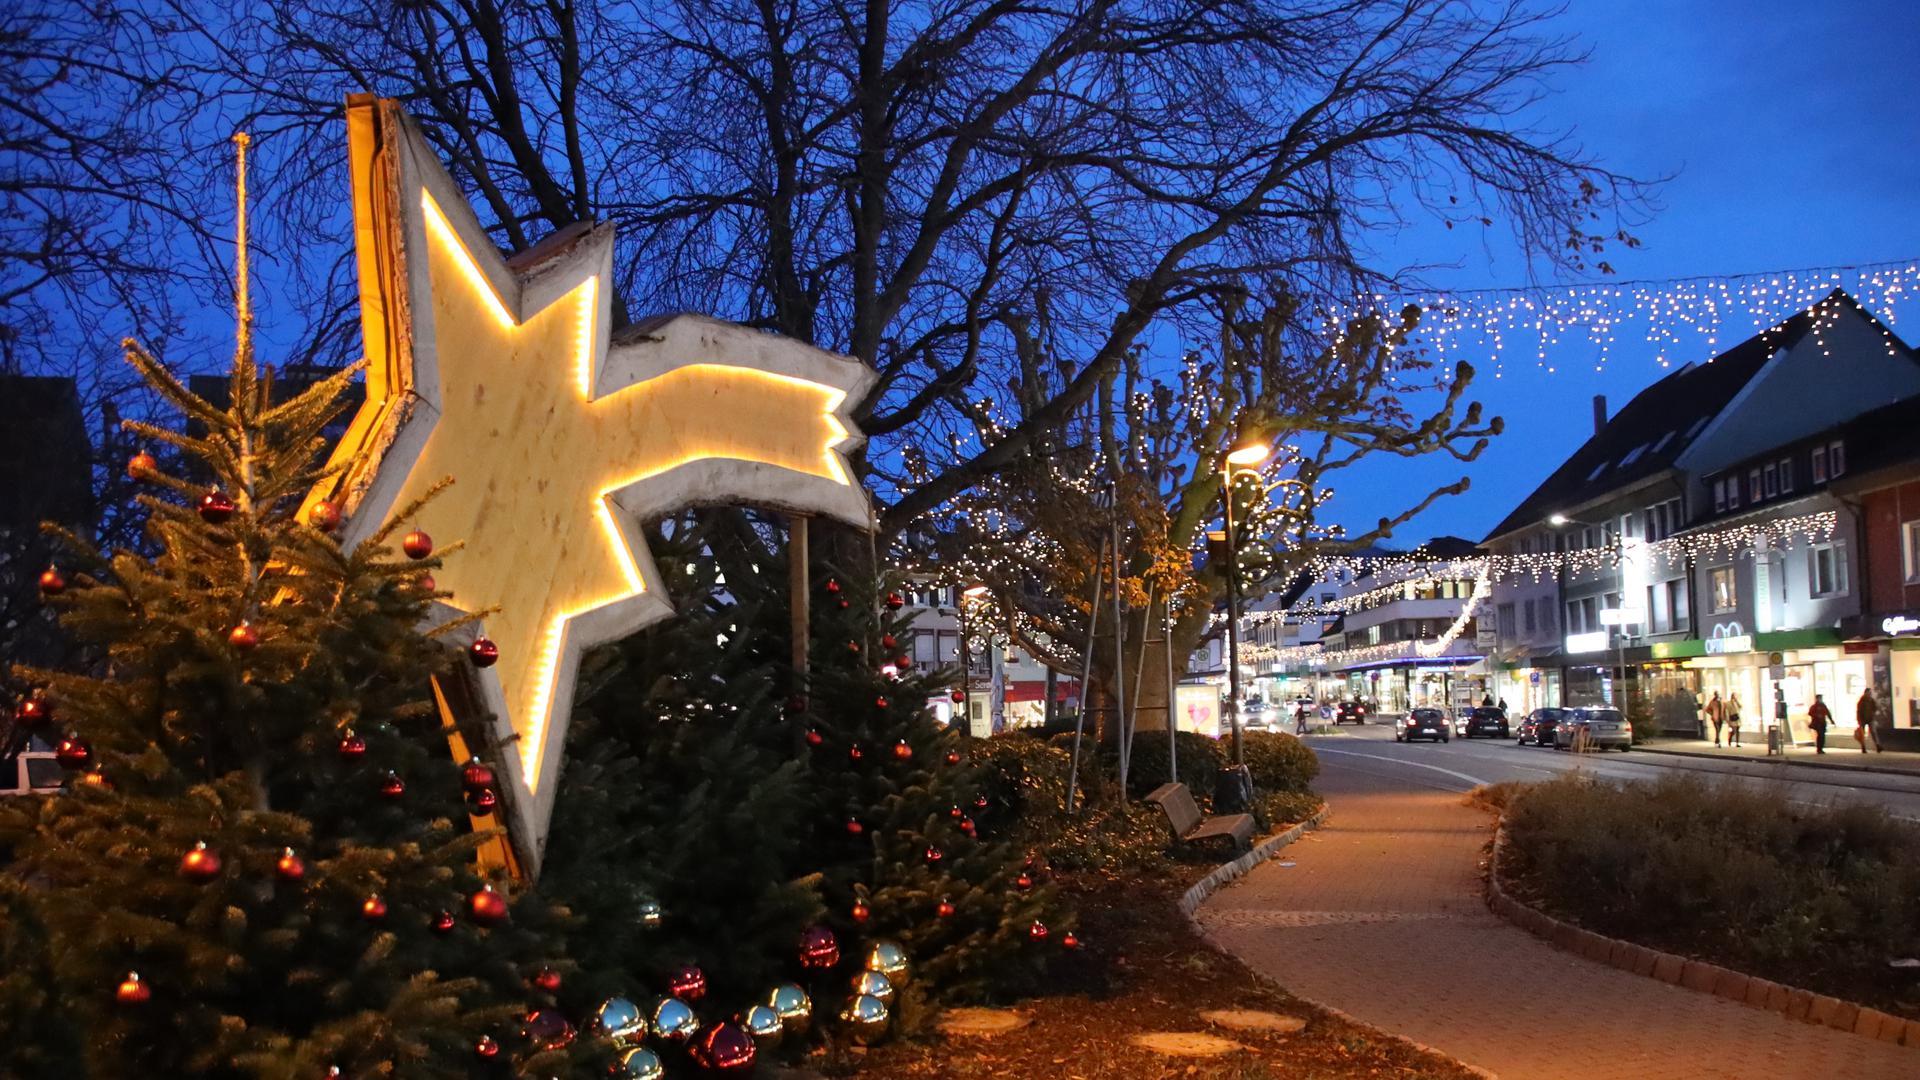 Weihnachtsbeleuchtung an der Hauptstraße in Achern